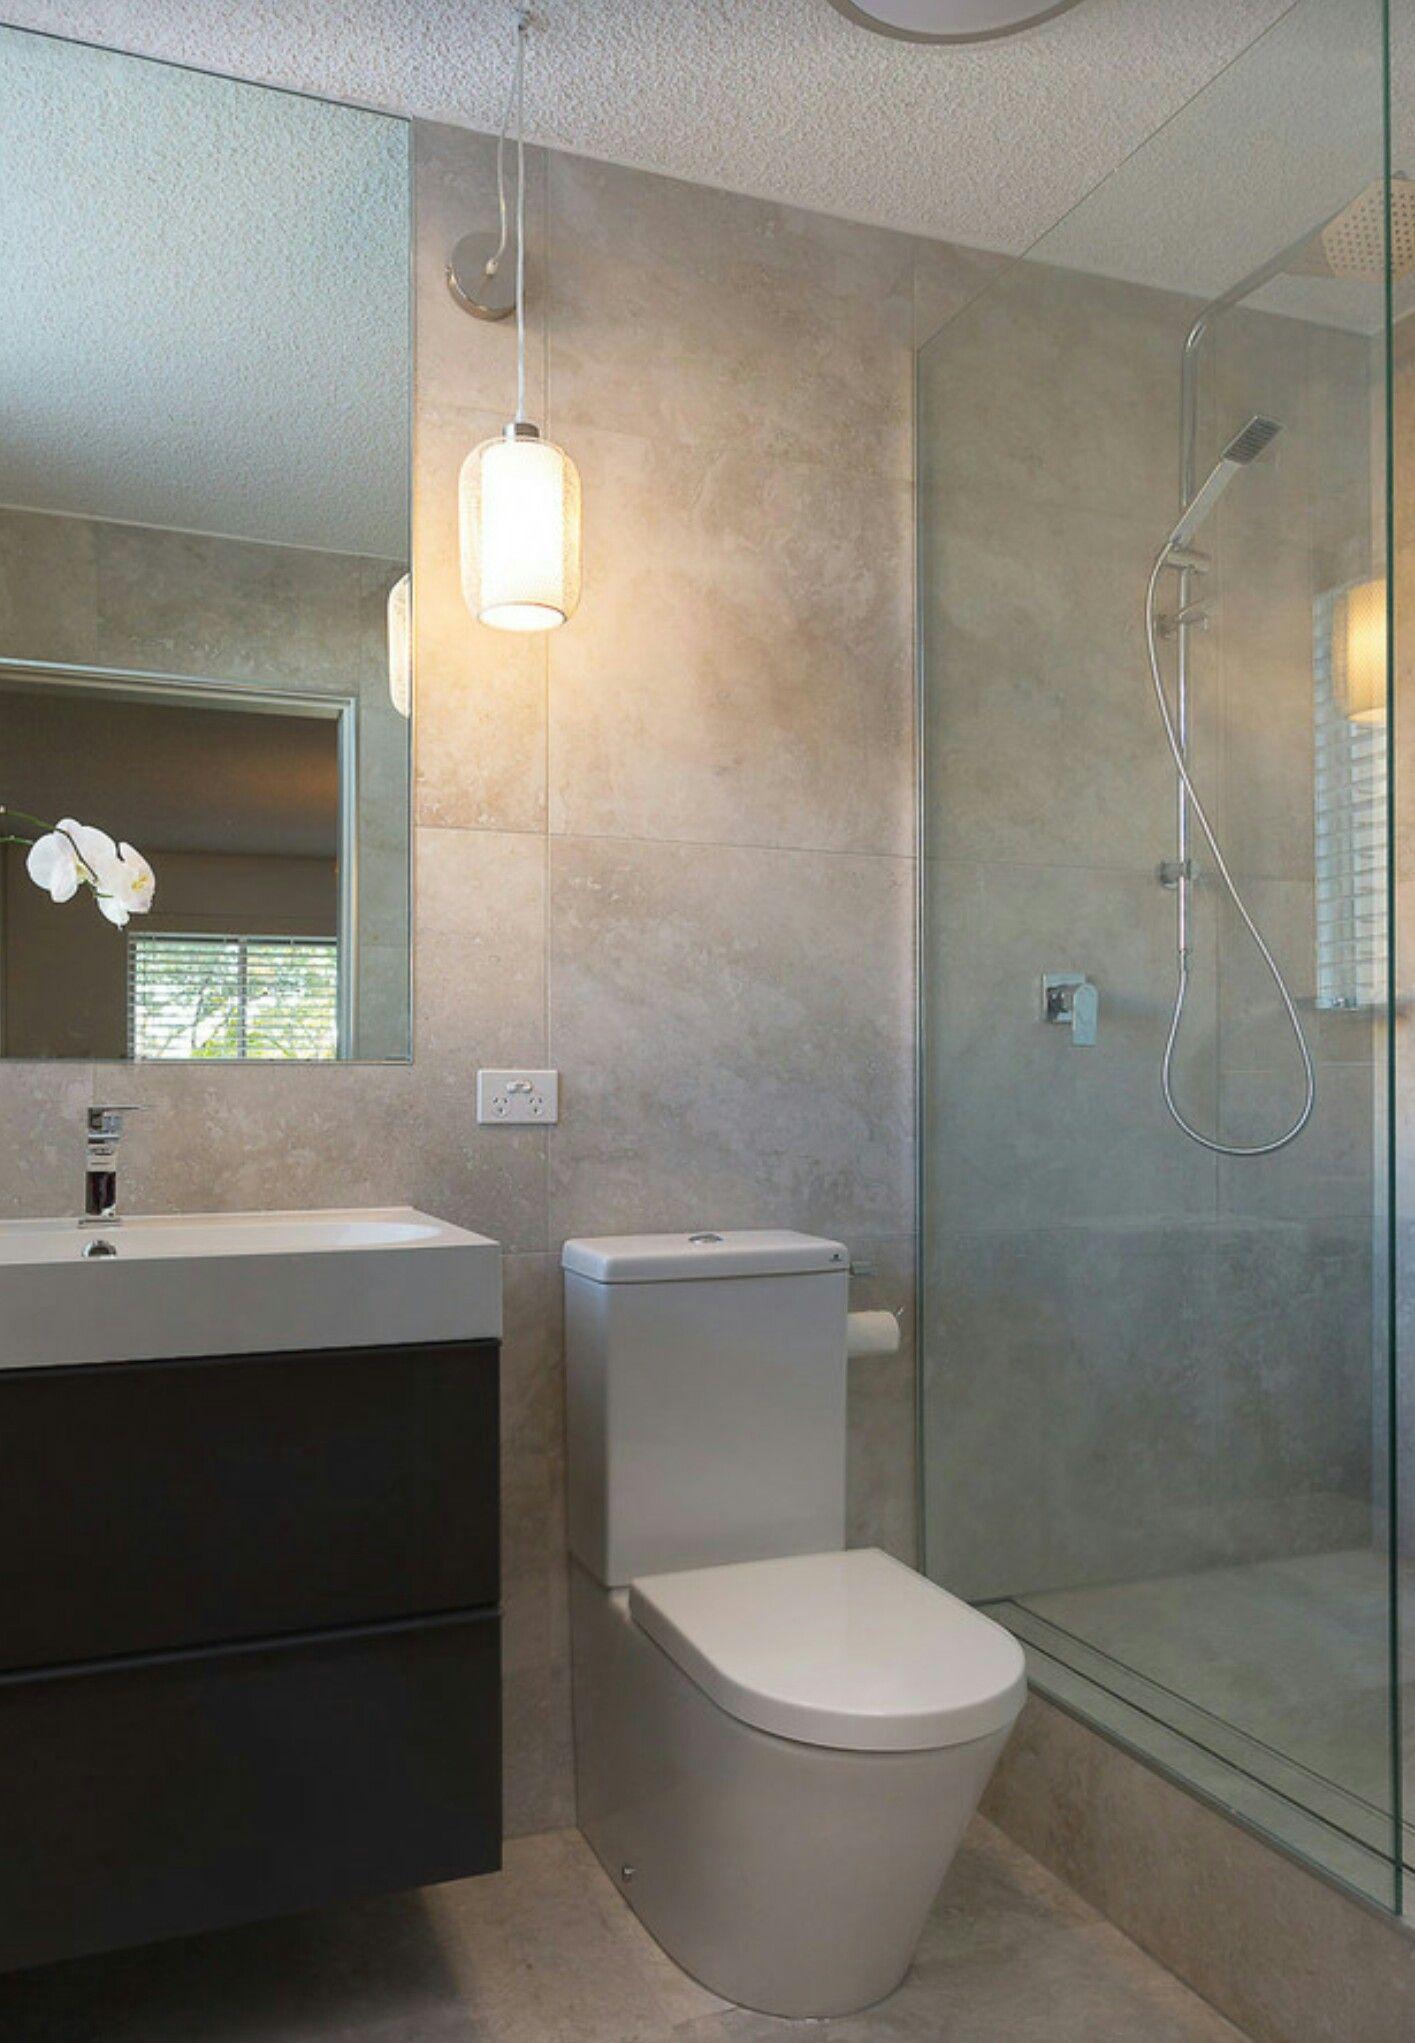 Pin de Sammies Wife en Irresistible Bathrooms